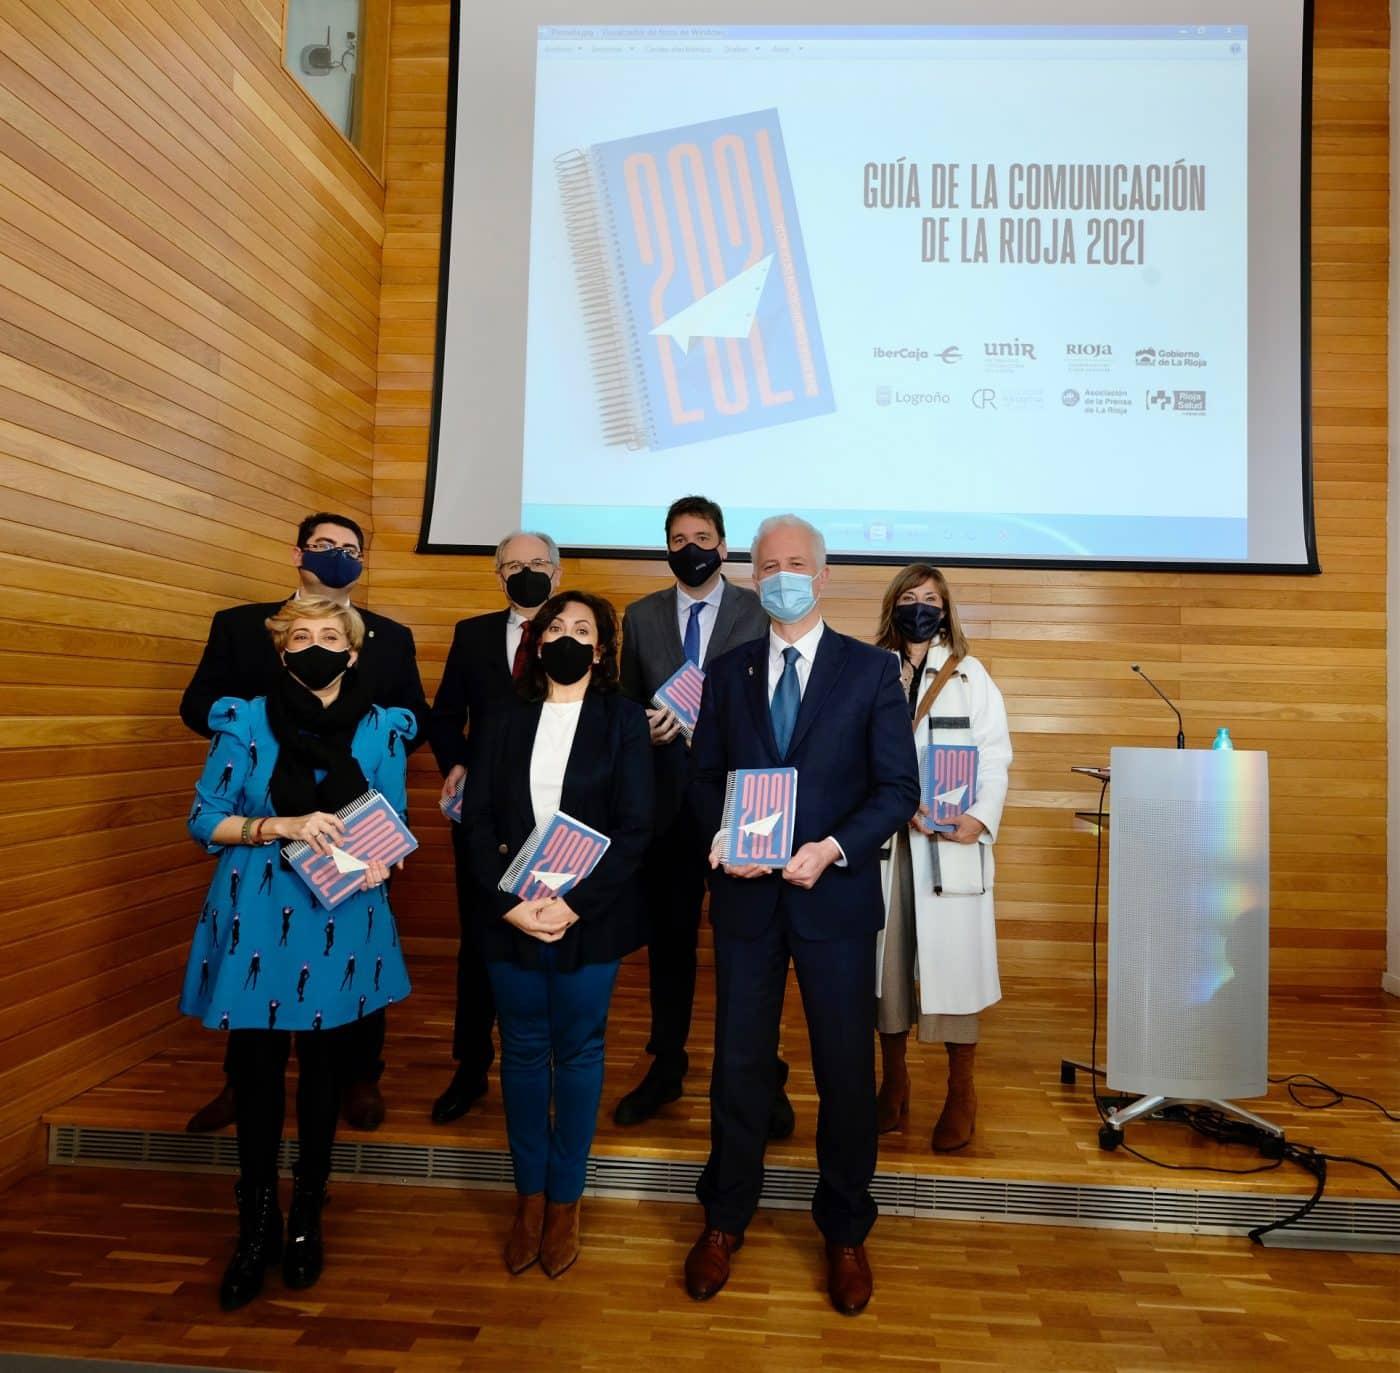 Presentada la Guía de Comunicación de La Rioja 2021 5